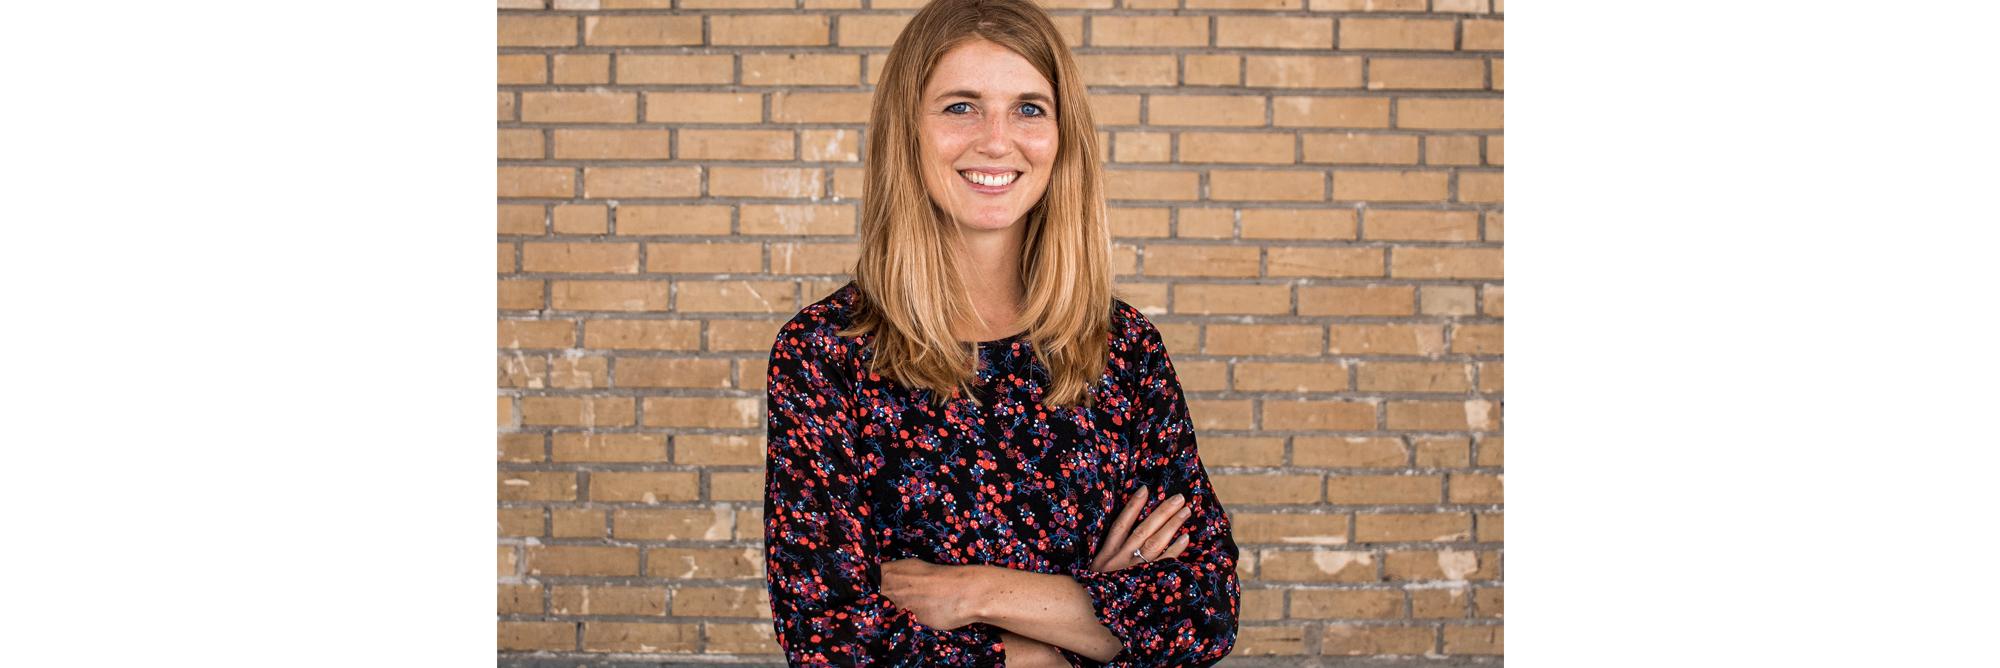 Alexandra Drissner – Sellpy